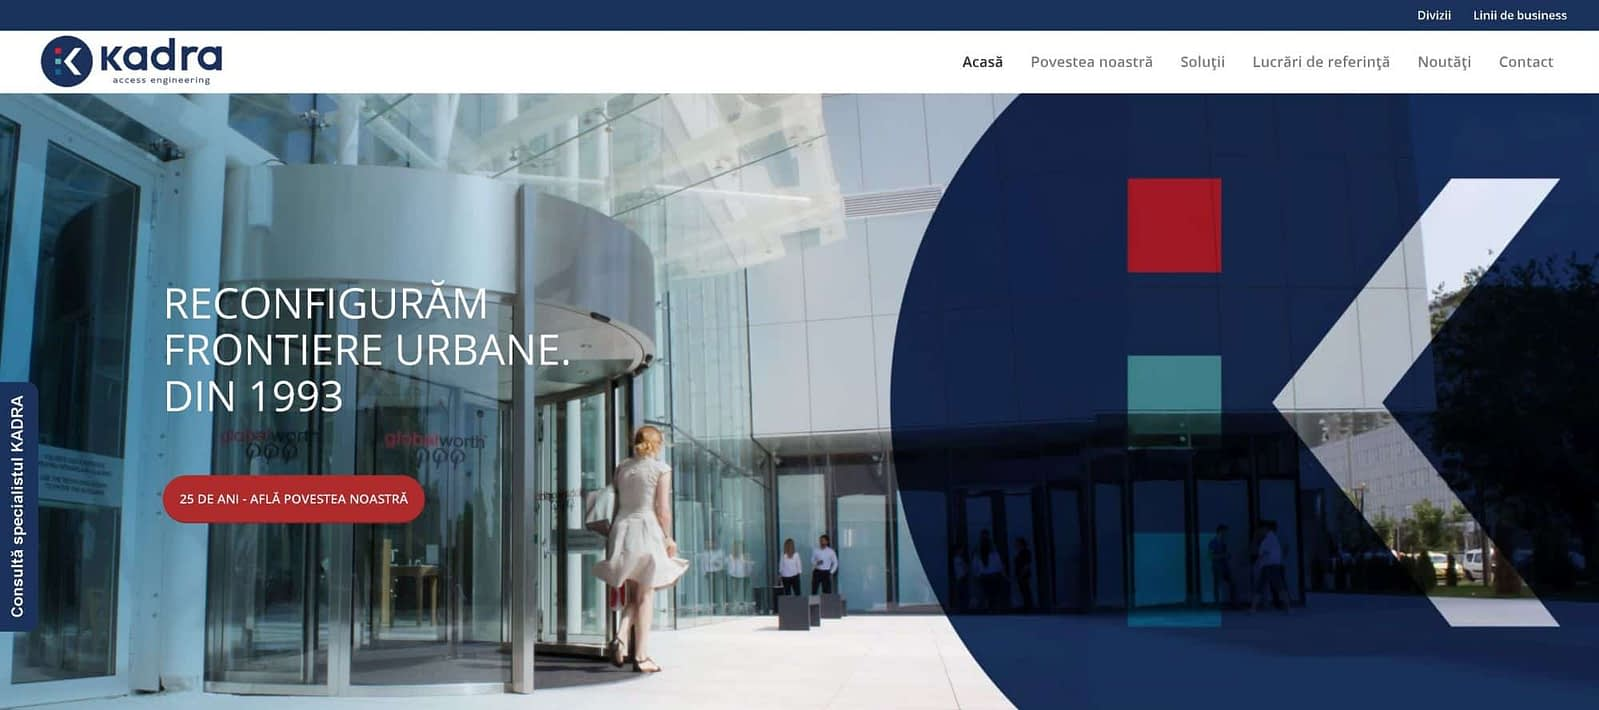 web design, KADRA, design, website, Toud, creare site web